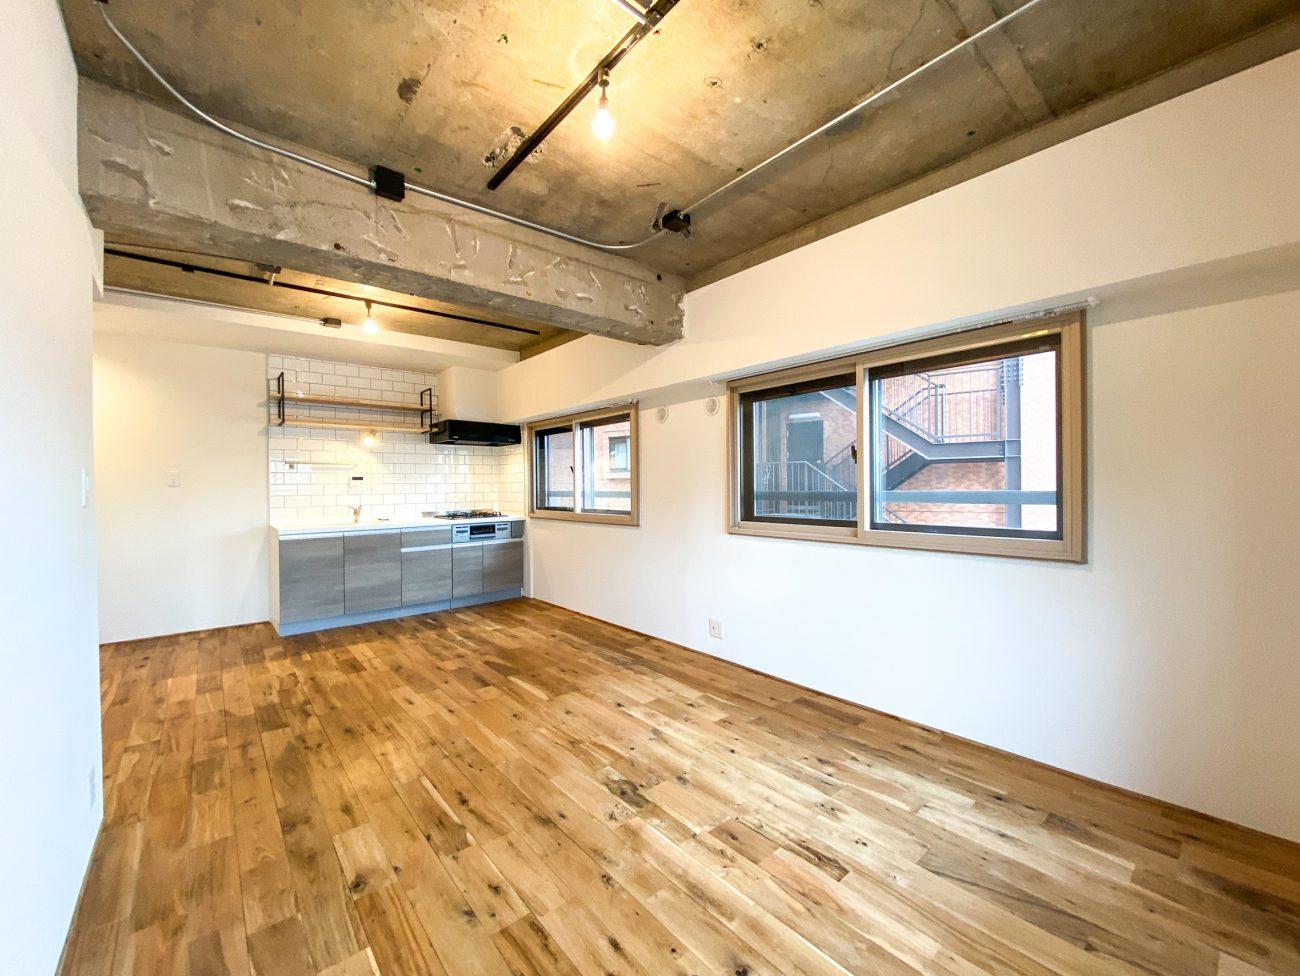 目黒築40年のヴィンテージマンションをリモートワーク用書斎付きフルリノベで賃料18万円、即満室の画像